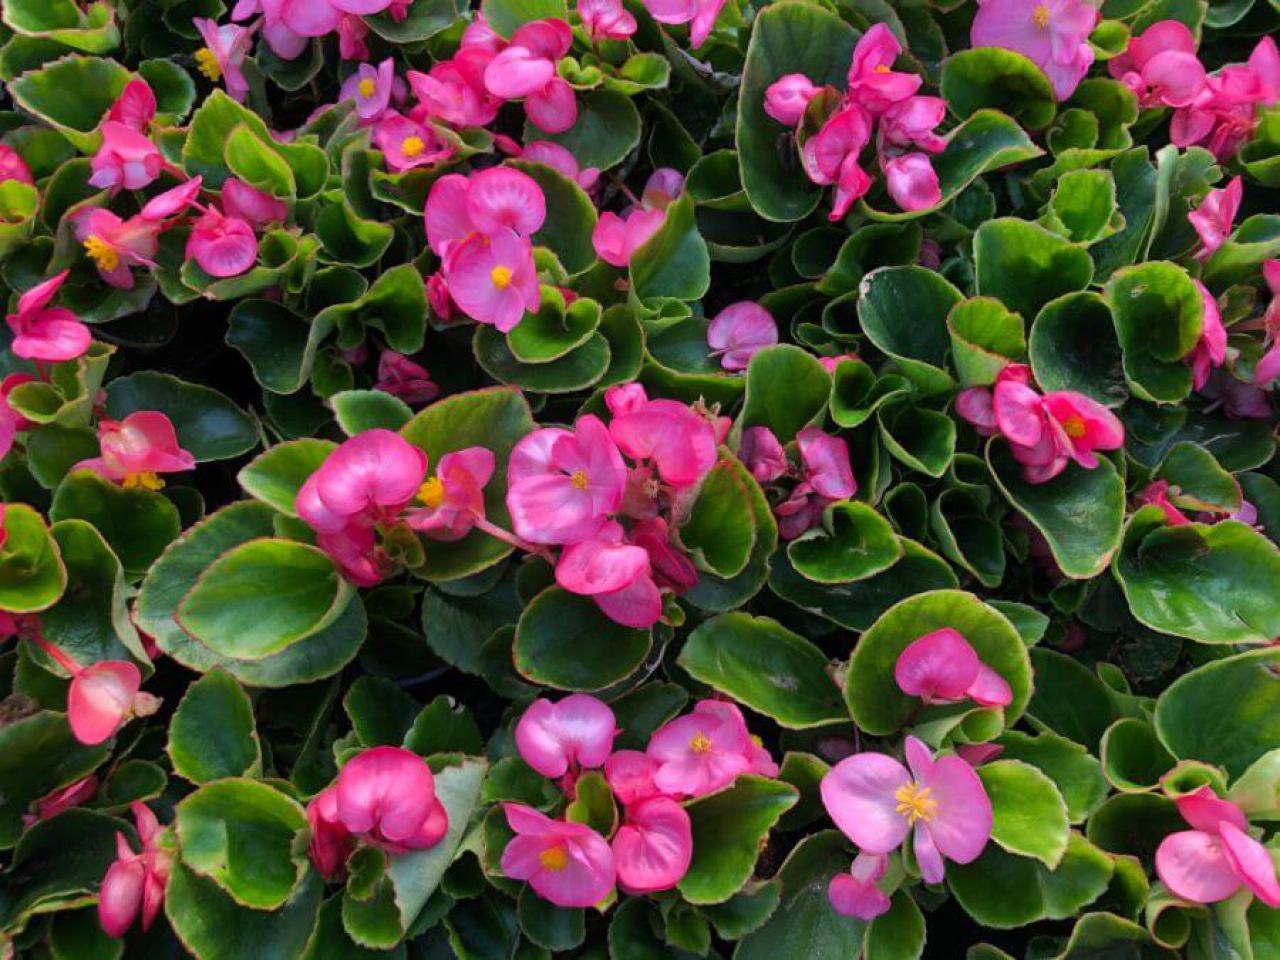 flora-commerce-4778037410.jpg